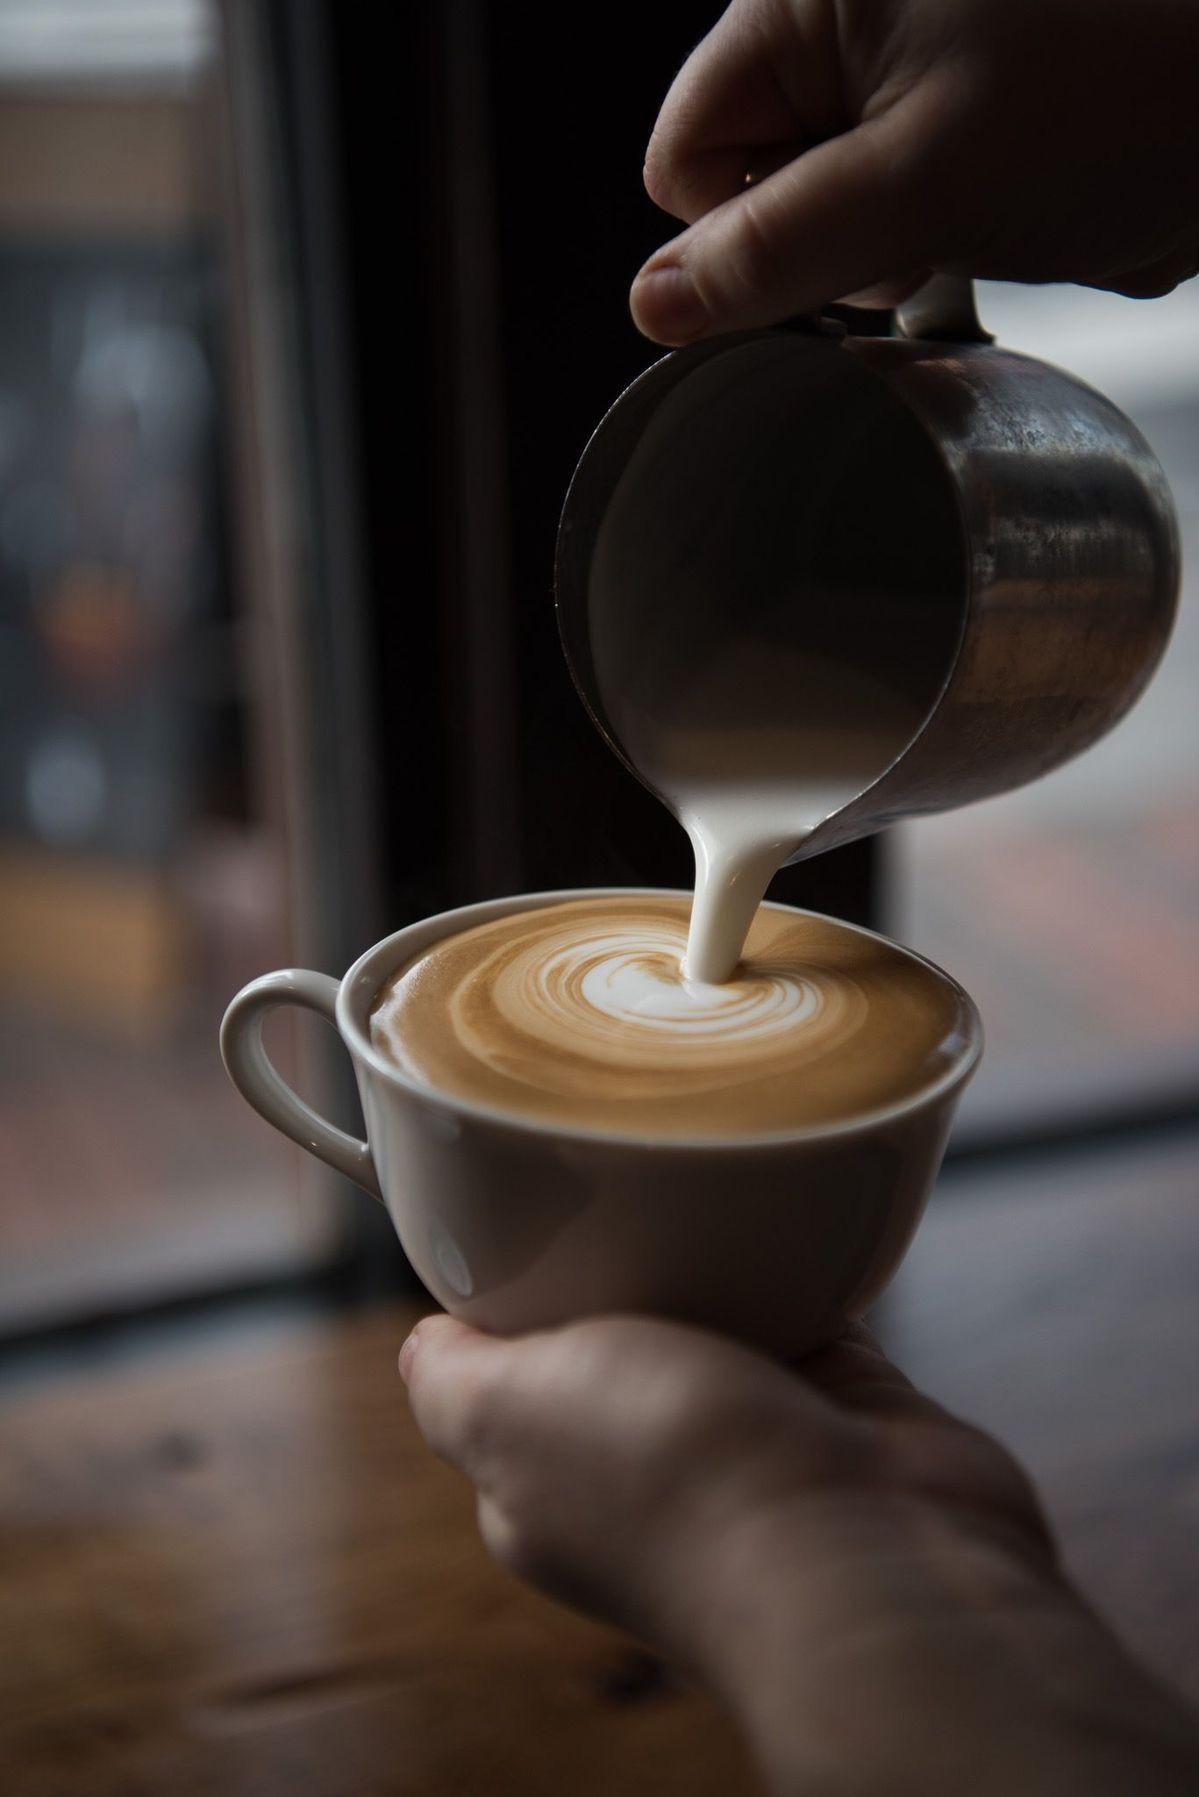 Pin By Carlijn On Coffee In 2020 Coffee Photography Coffee Brewing Coffee Tumblr